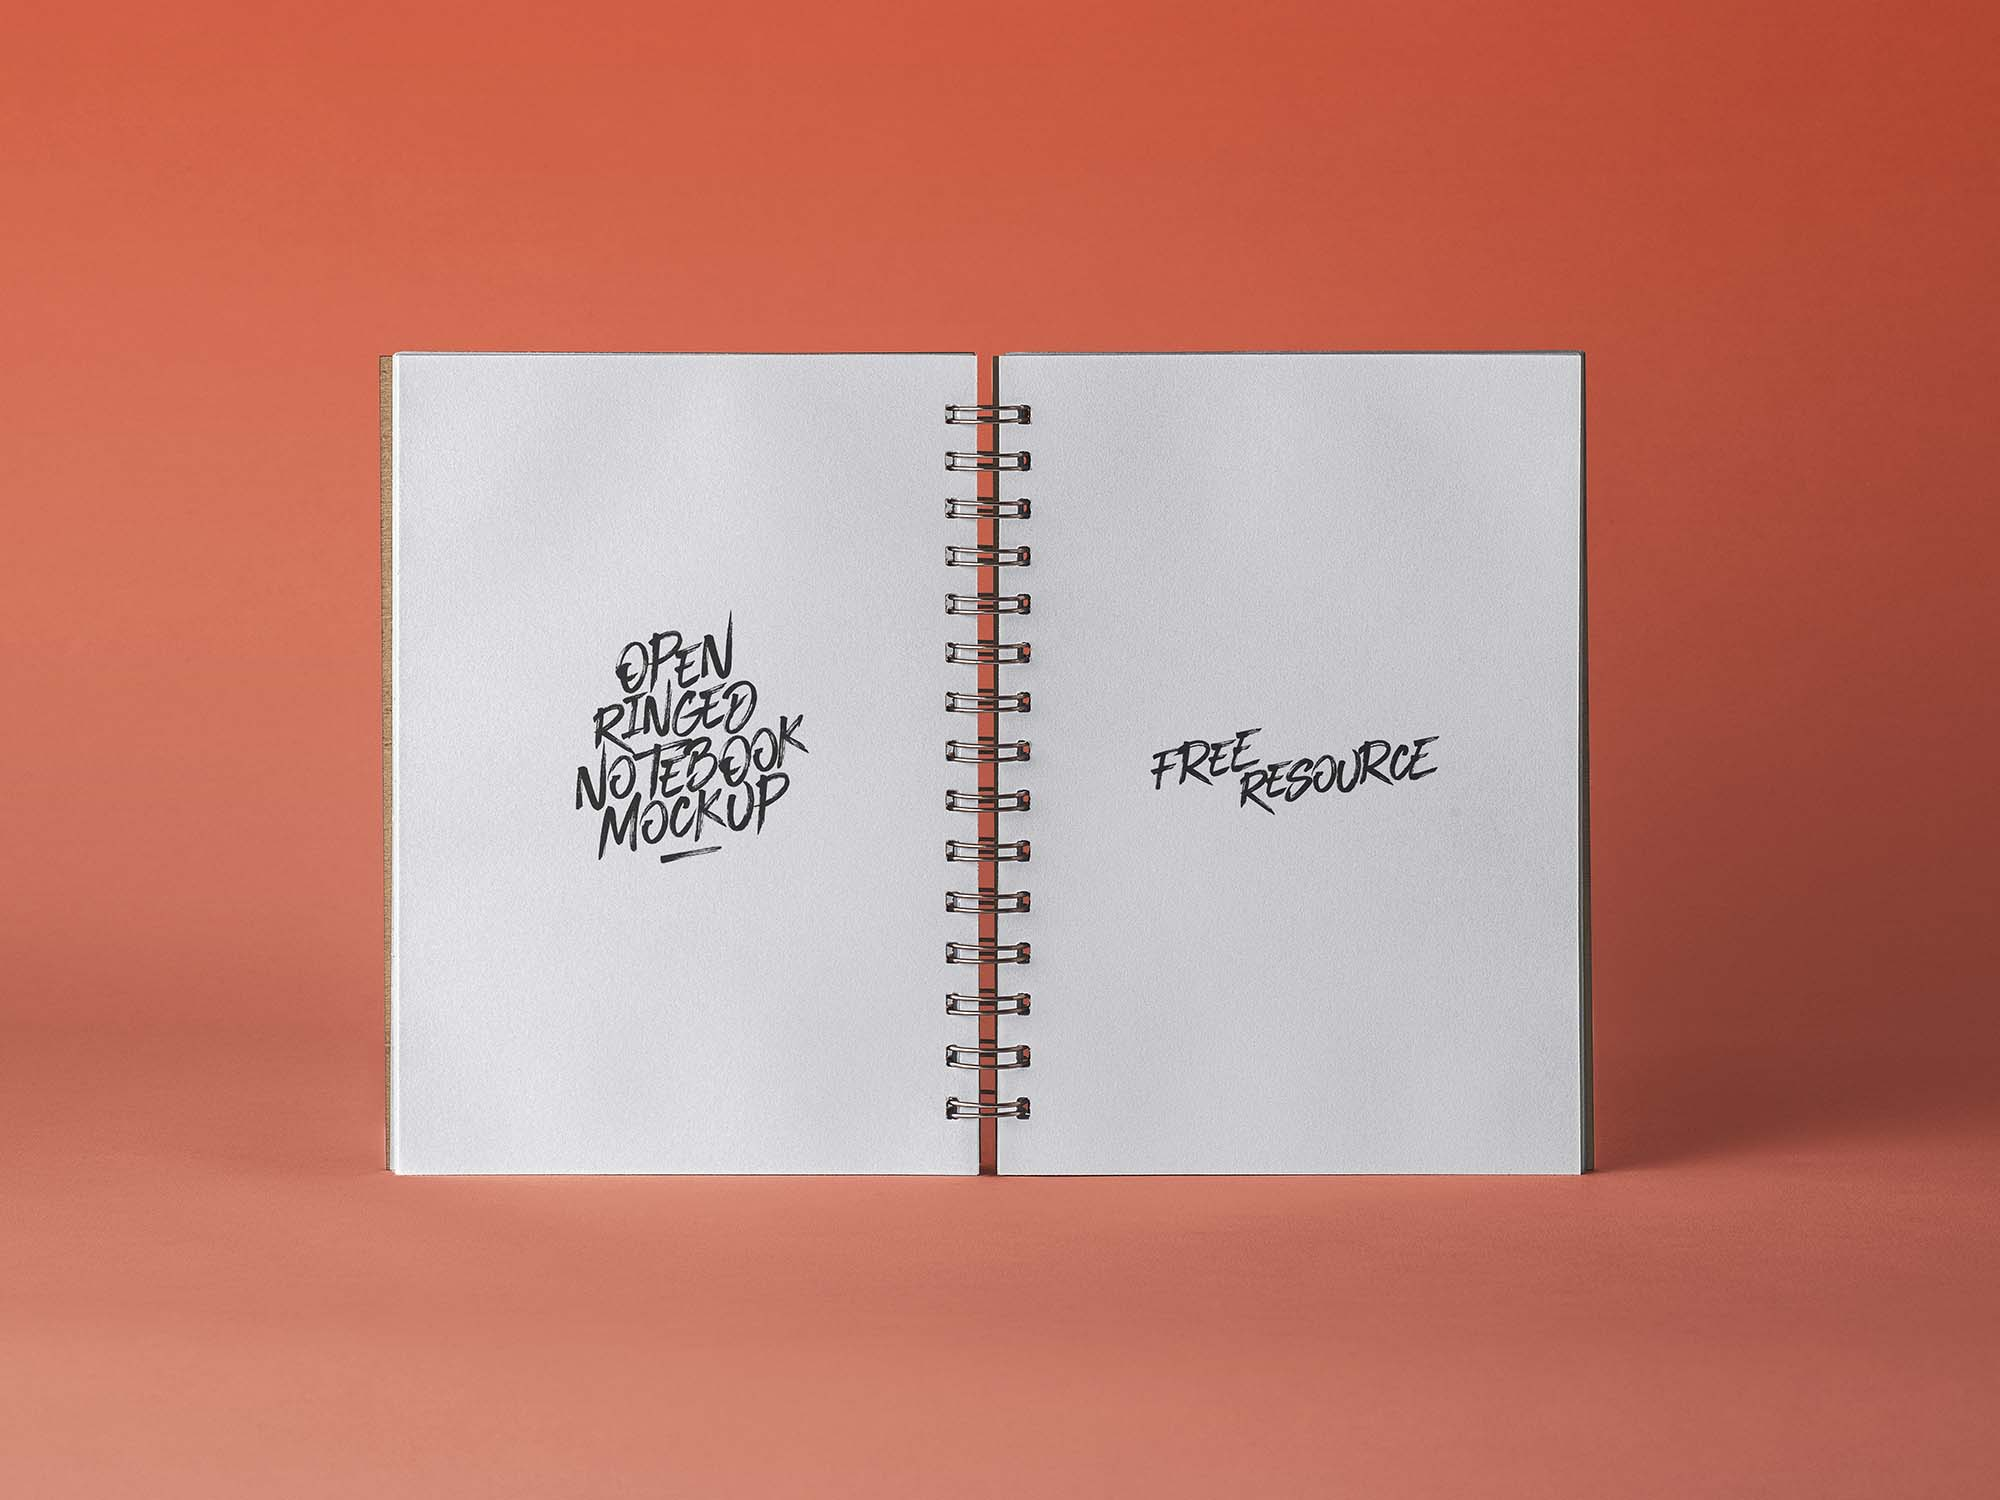 Open Ringed Sketchbook Mockup